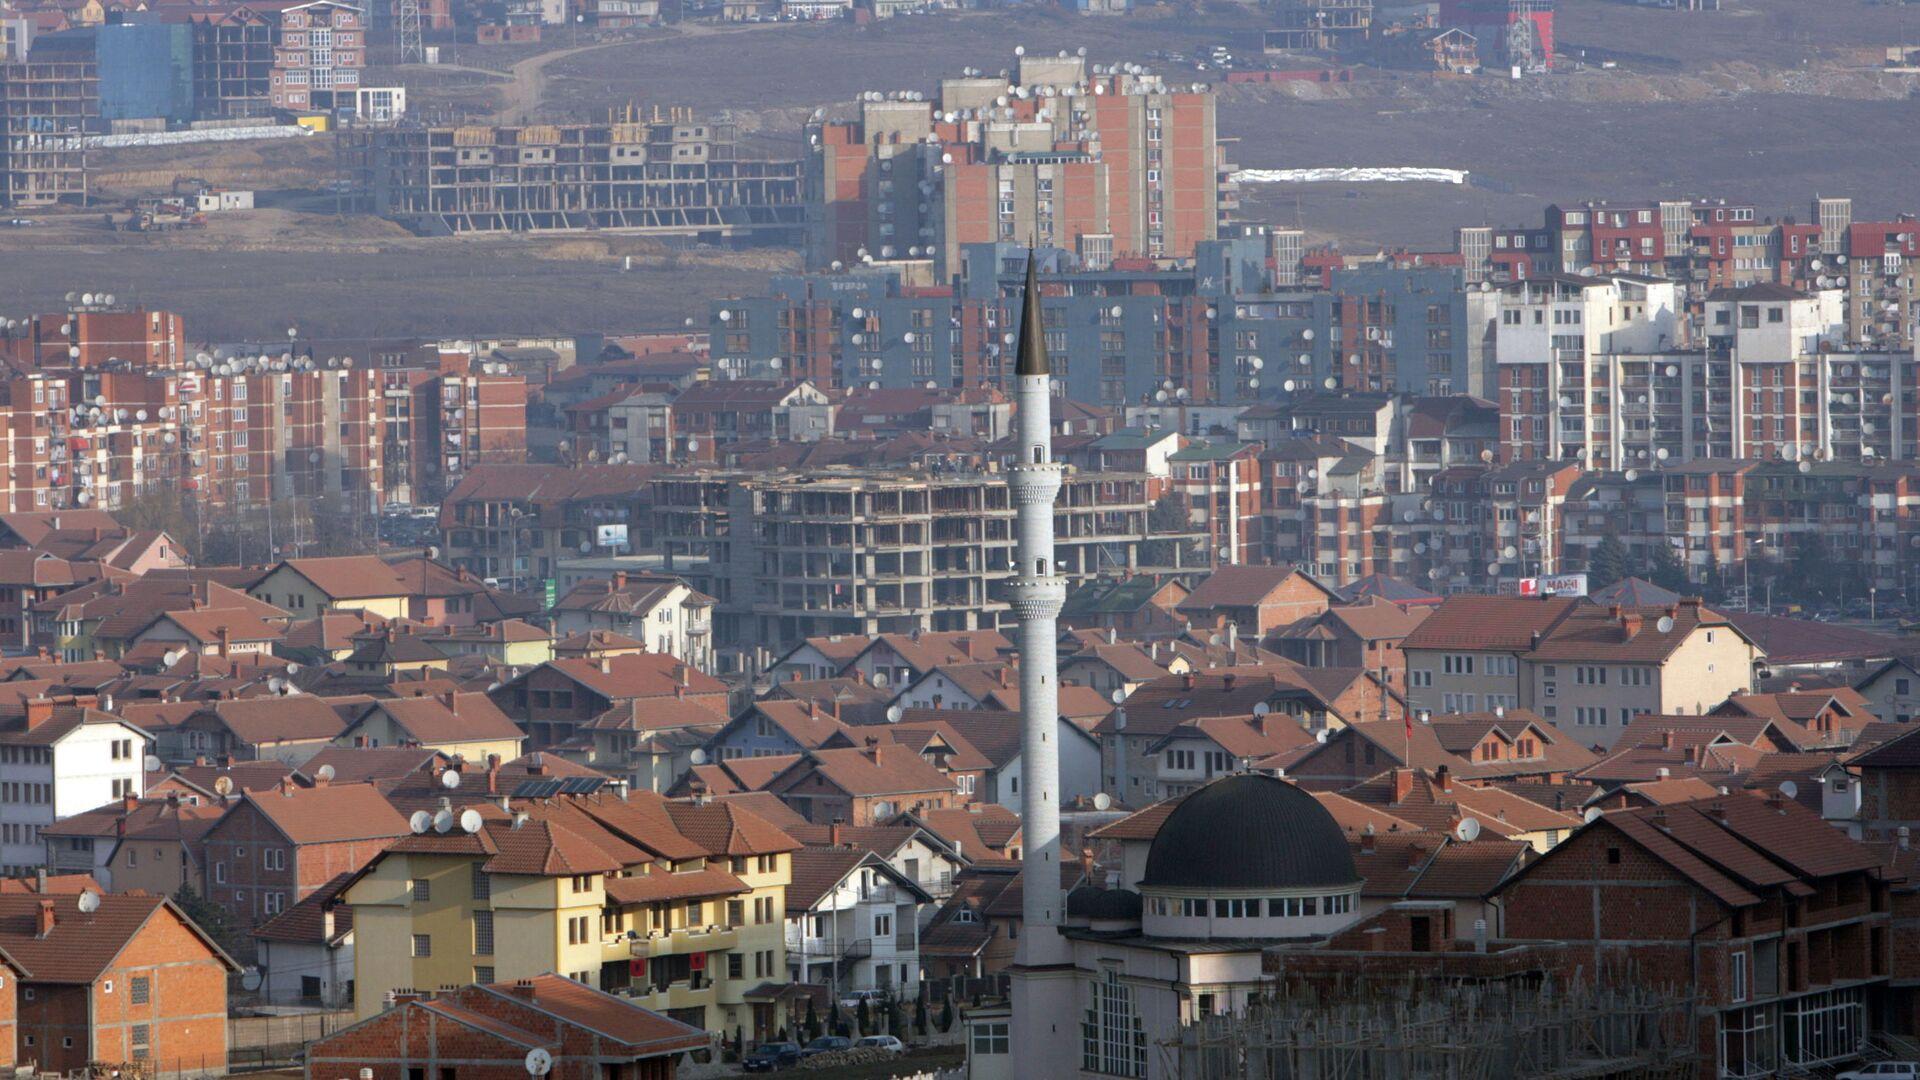 Πρίστινα, Κόσοβο - Sputnik Ελλάδα, 1920, 28.09.2021